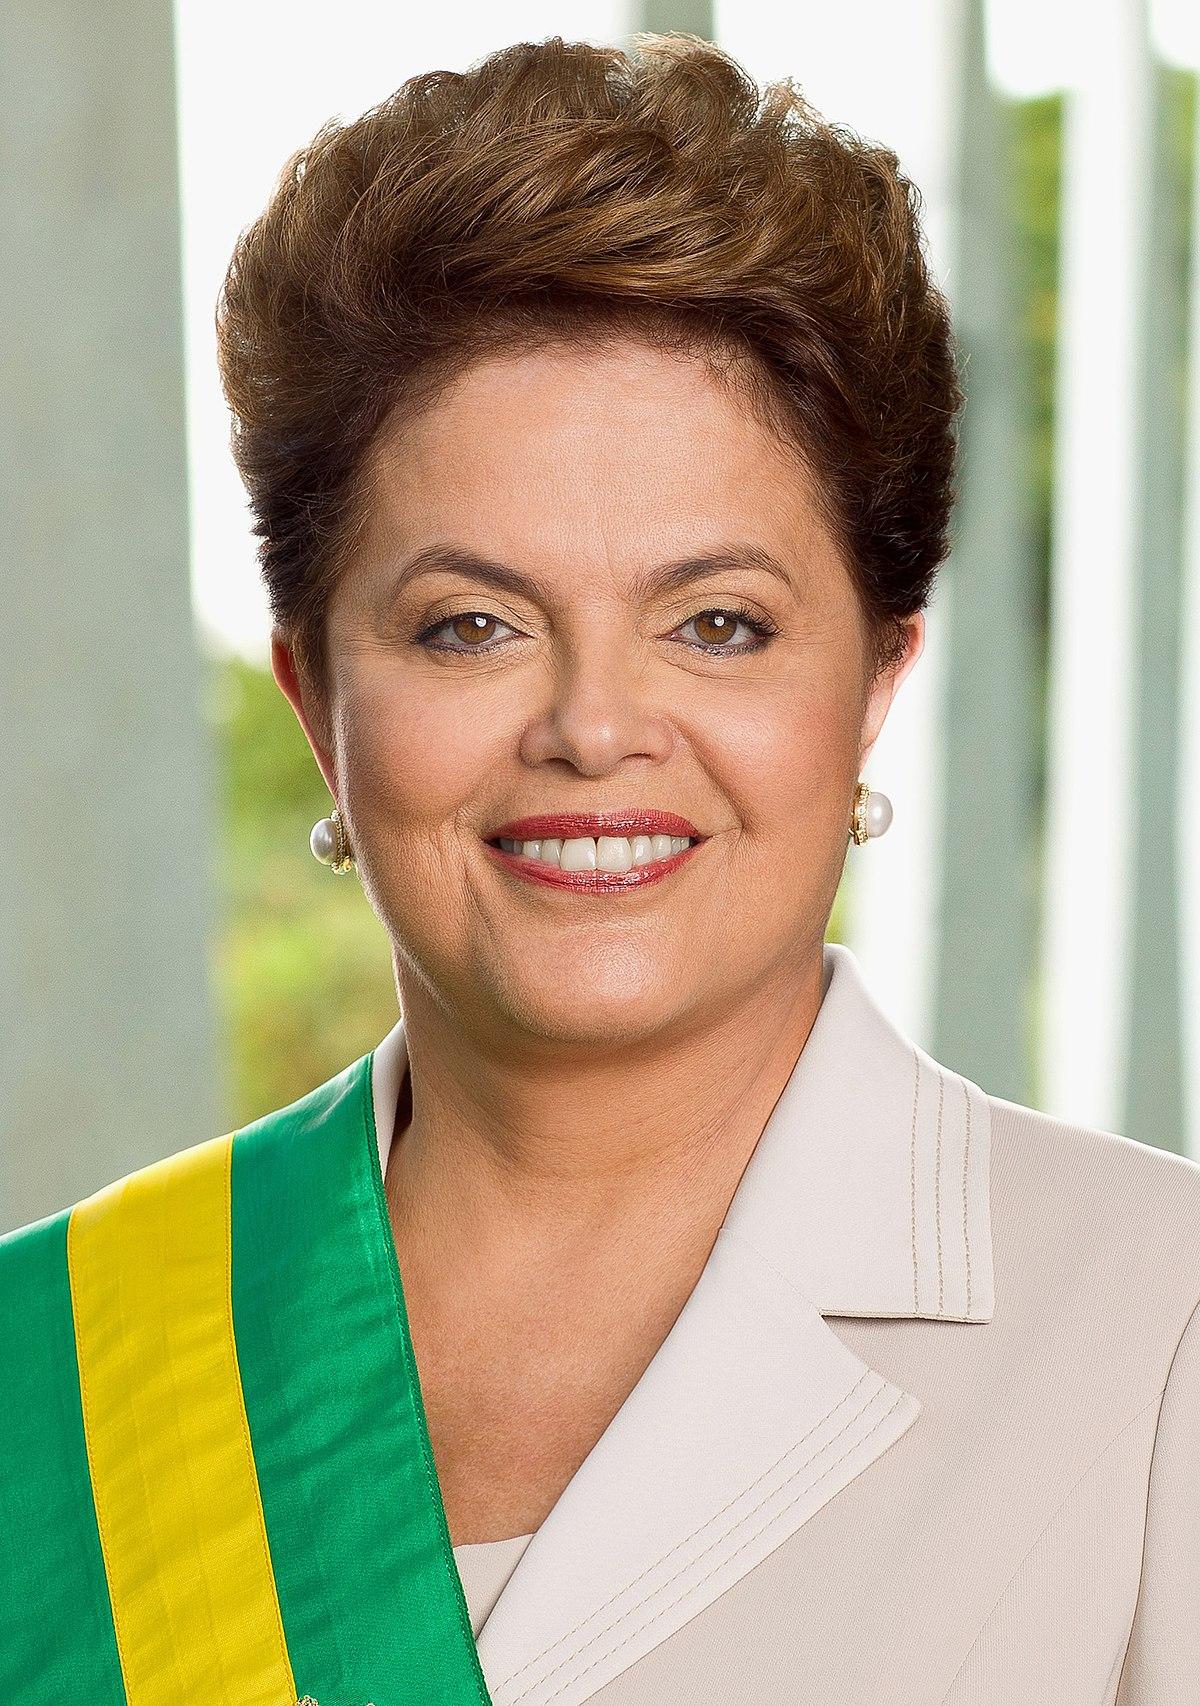 ebe5228c2f752 Eleição presidencial no Brasil em 2014 – Wikipédia, a enciclopédia livre